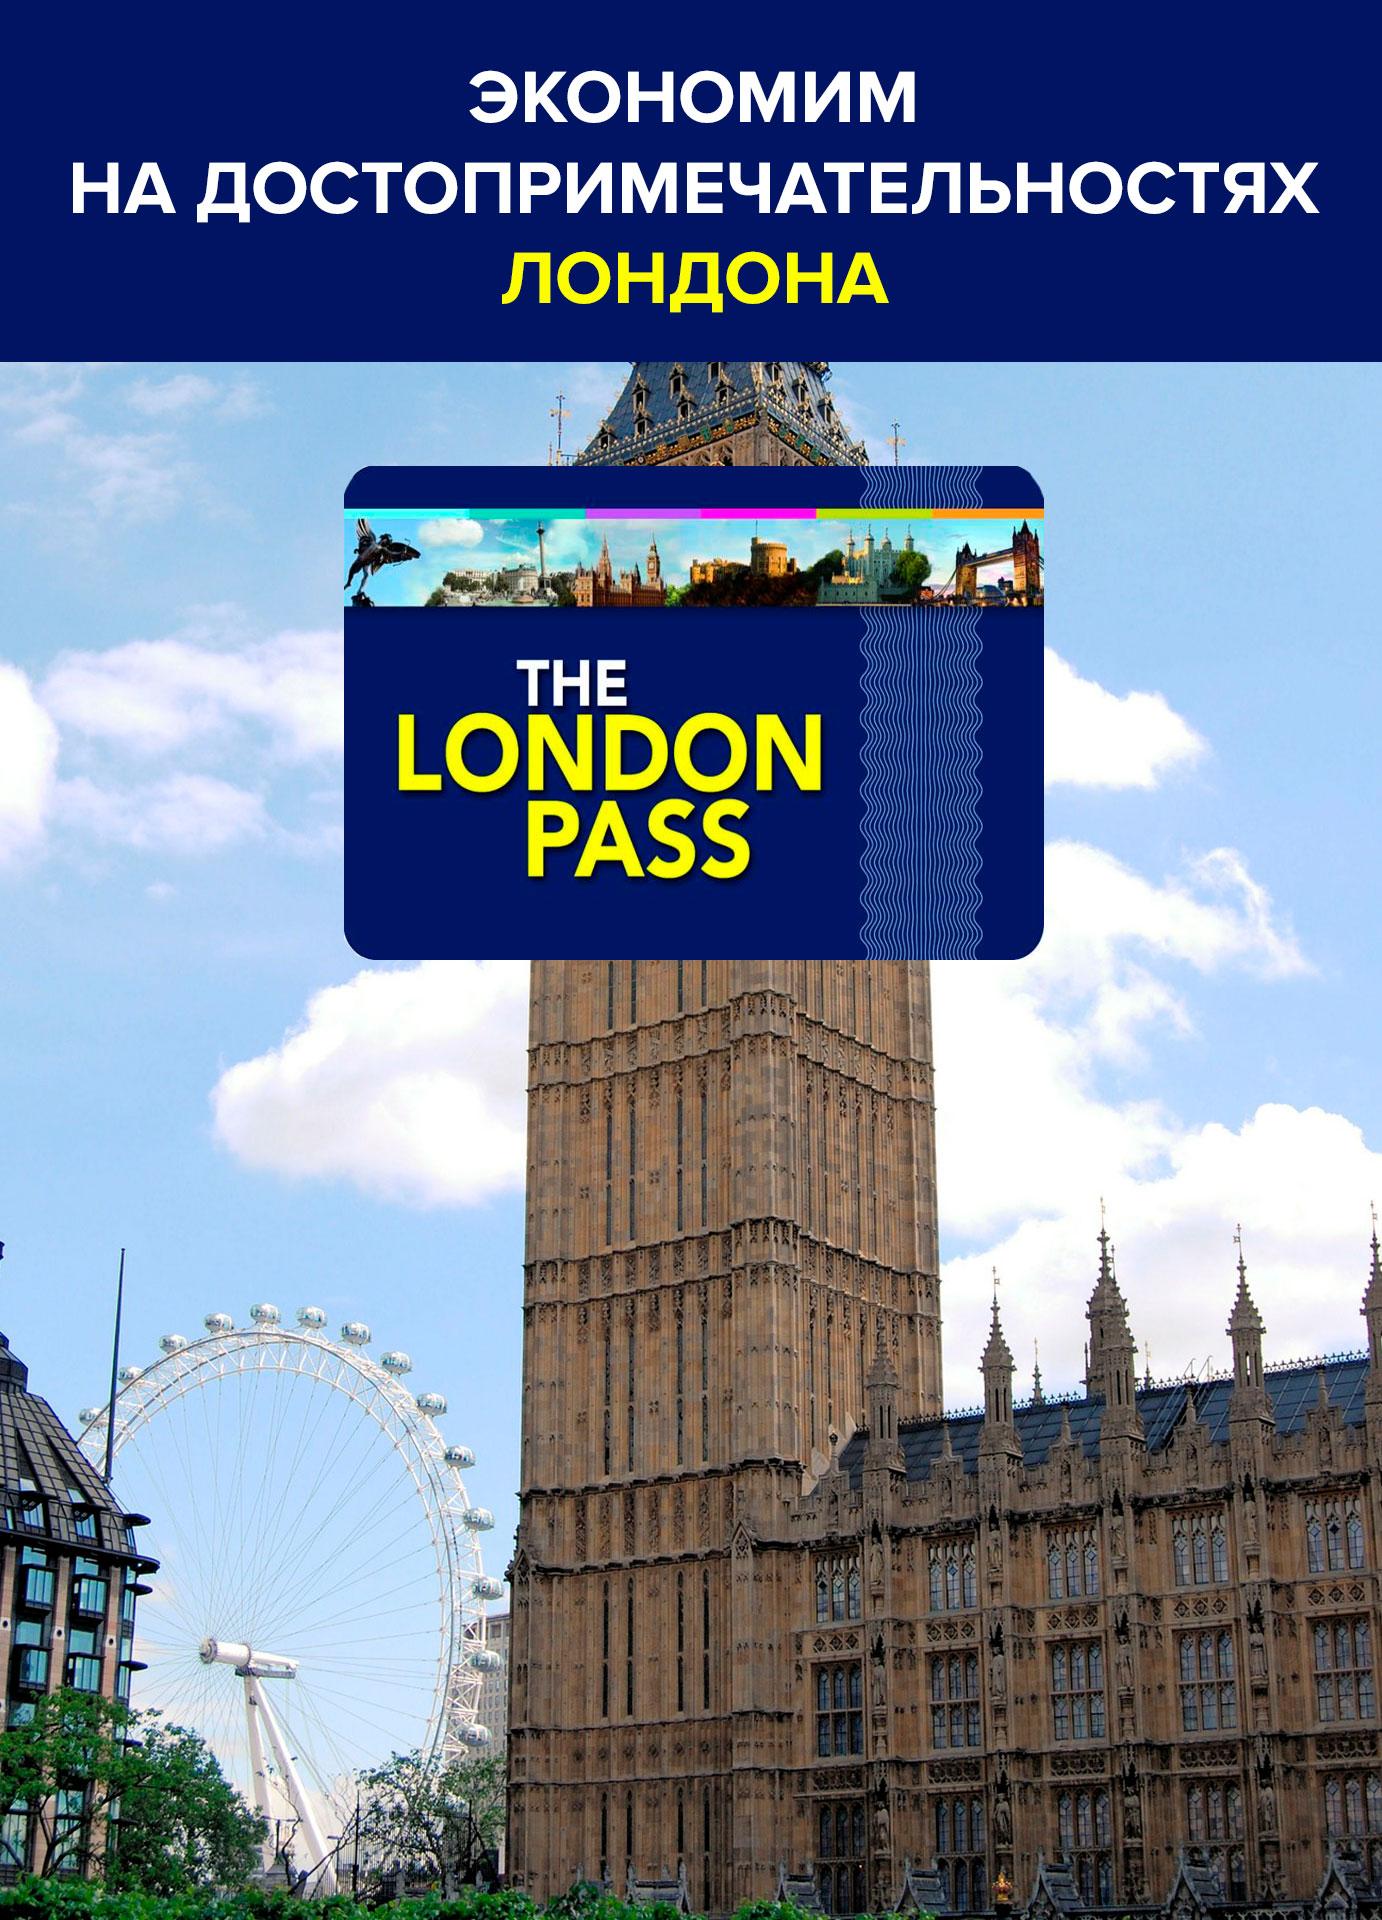 Экономим на достопримечательностях Лондона с London Pass